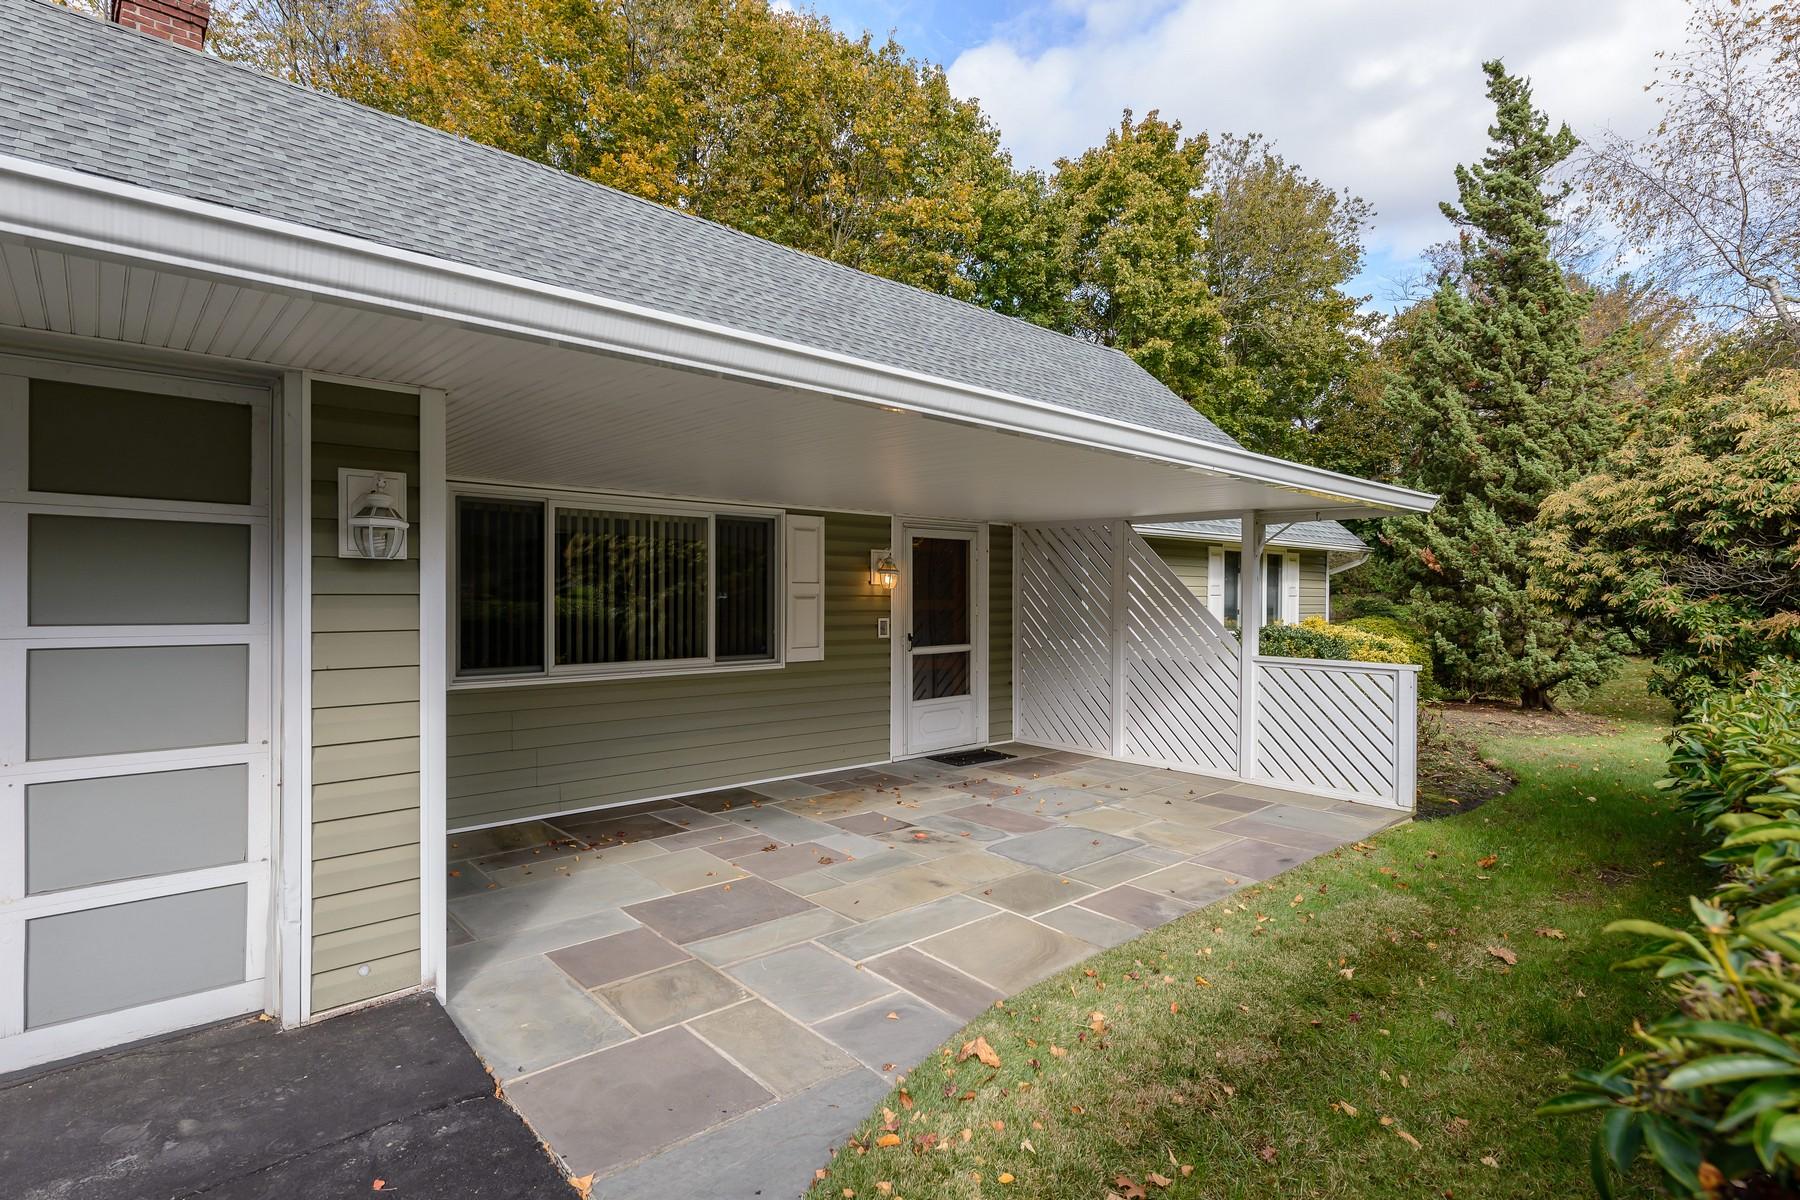 Частный односемейный дом для того Продажа на 37 Whitson Rd , Huntington Sta, NY 11746 37 Whitson Rd, Huntington Station, Нью-Йорк, 11746 Соединенные Штаты